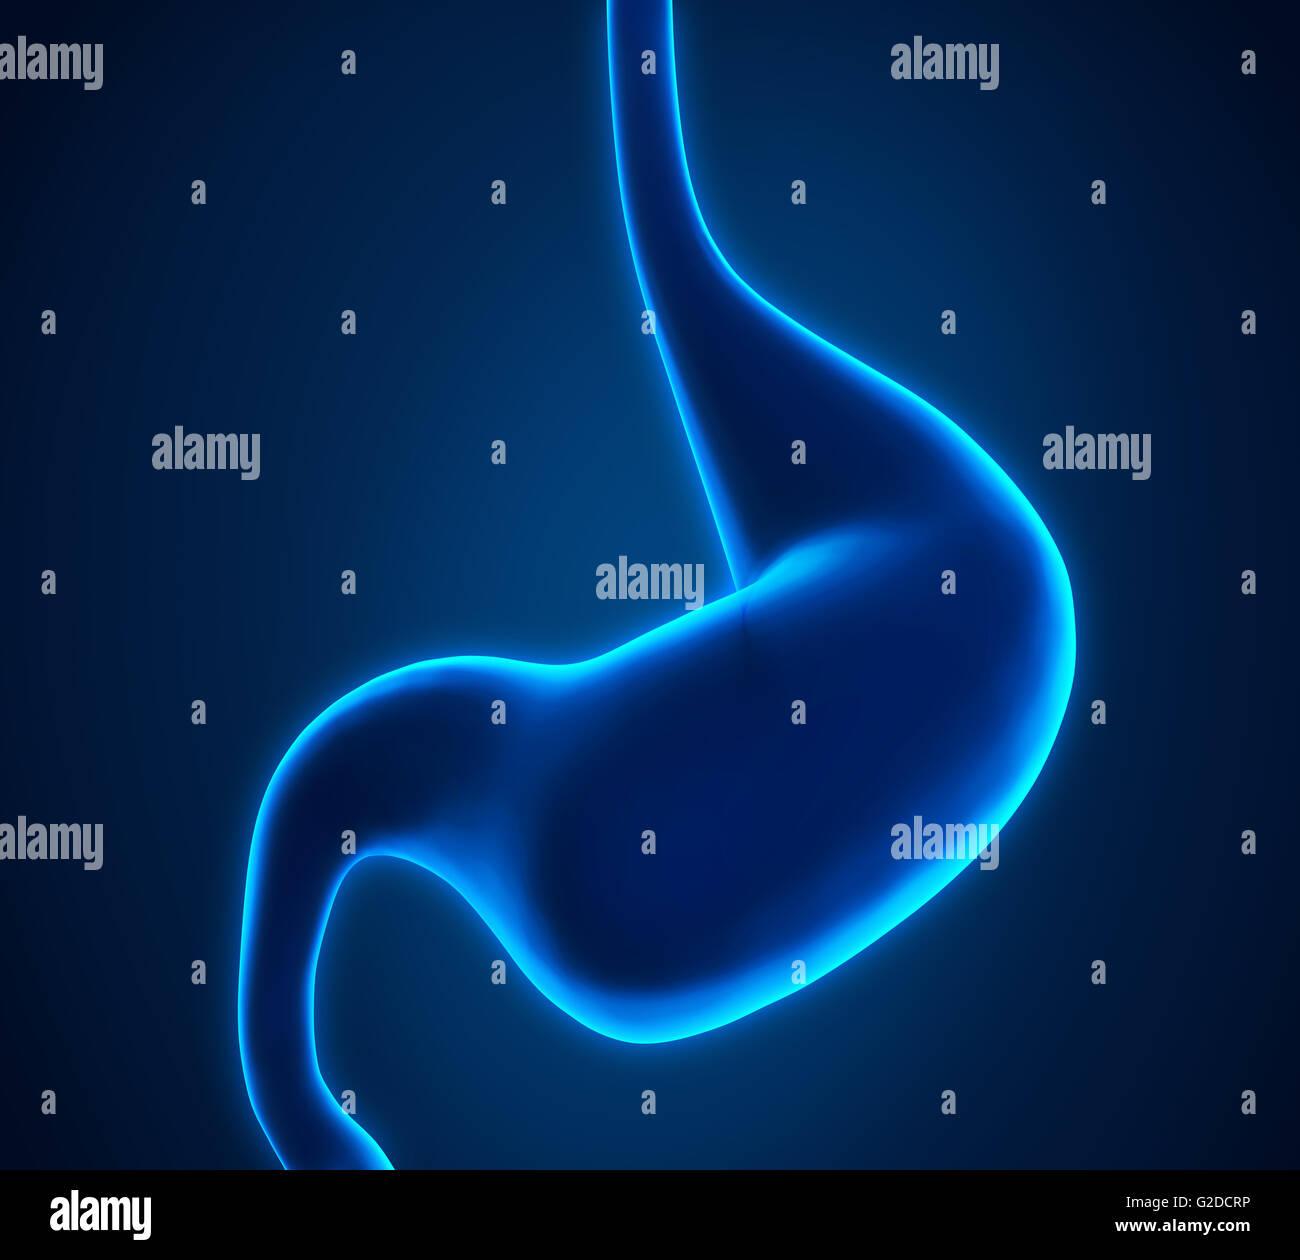 Anatomie der menschlichen Magen Stockfoto, Bild: 104786970 - Alamy